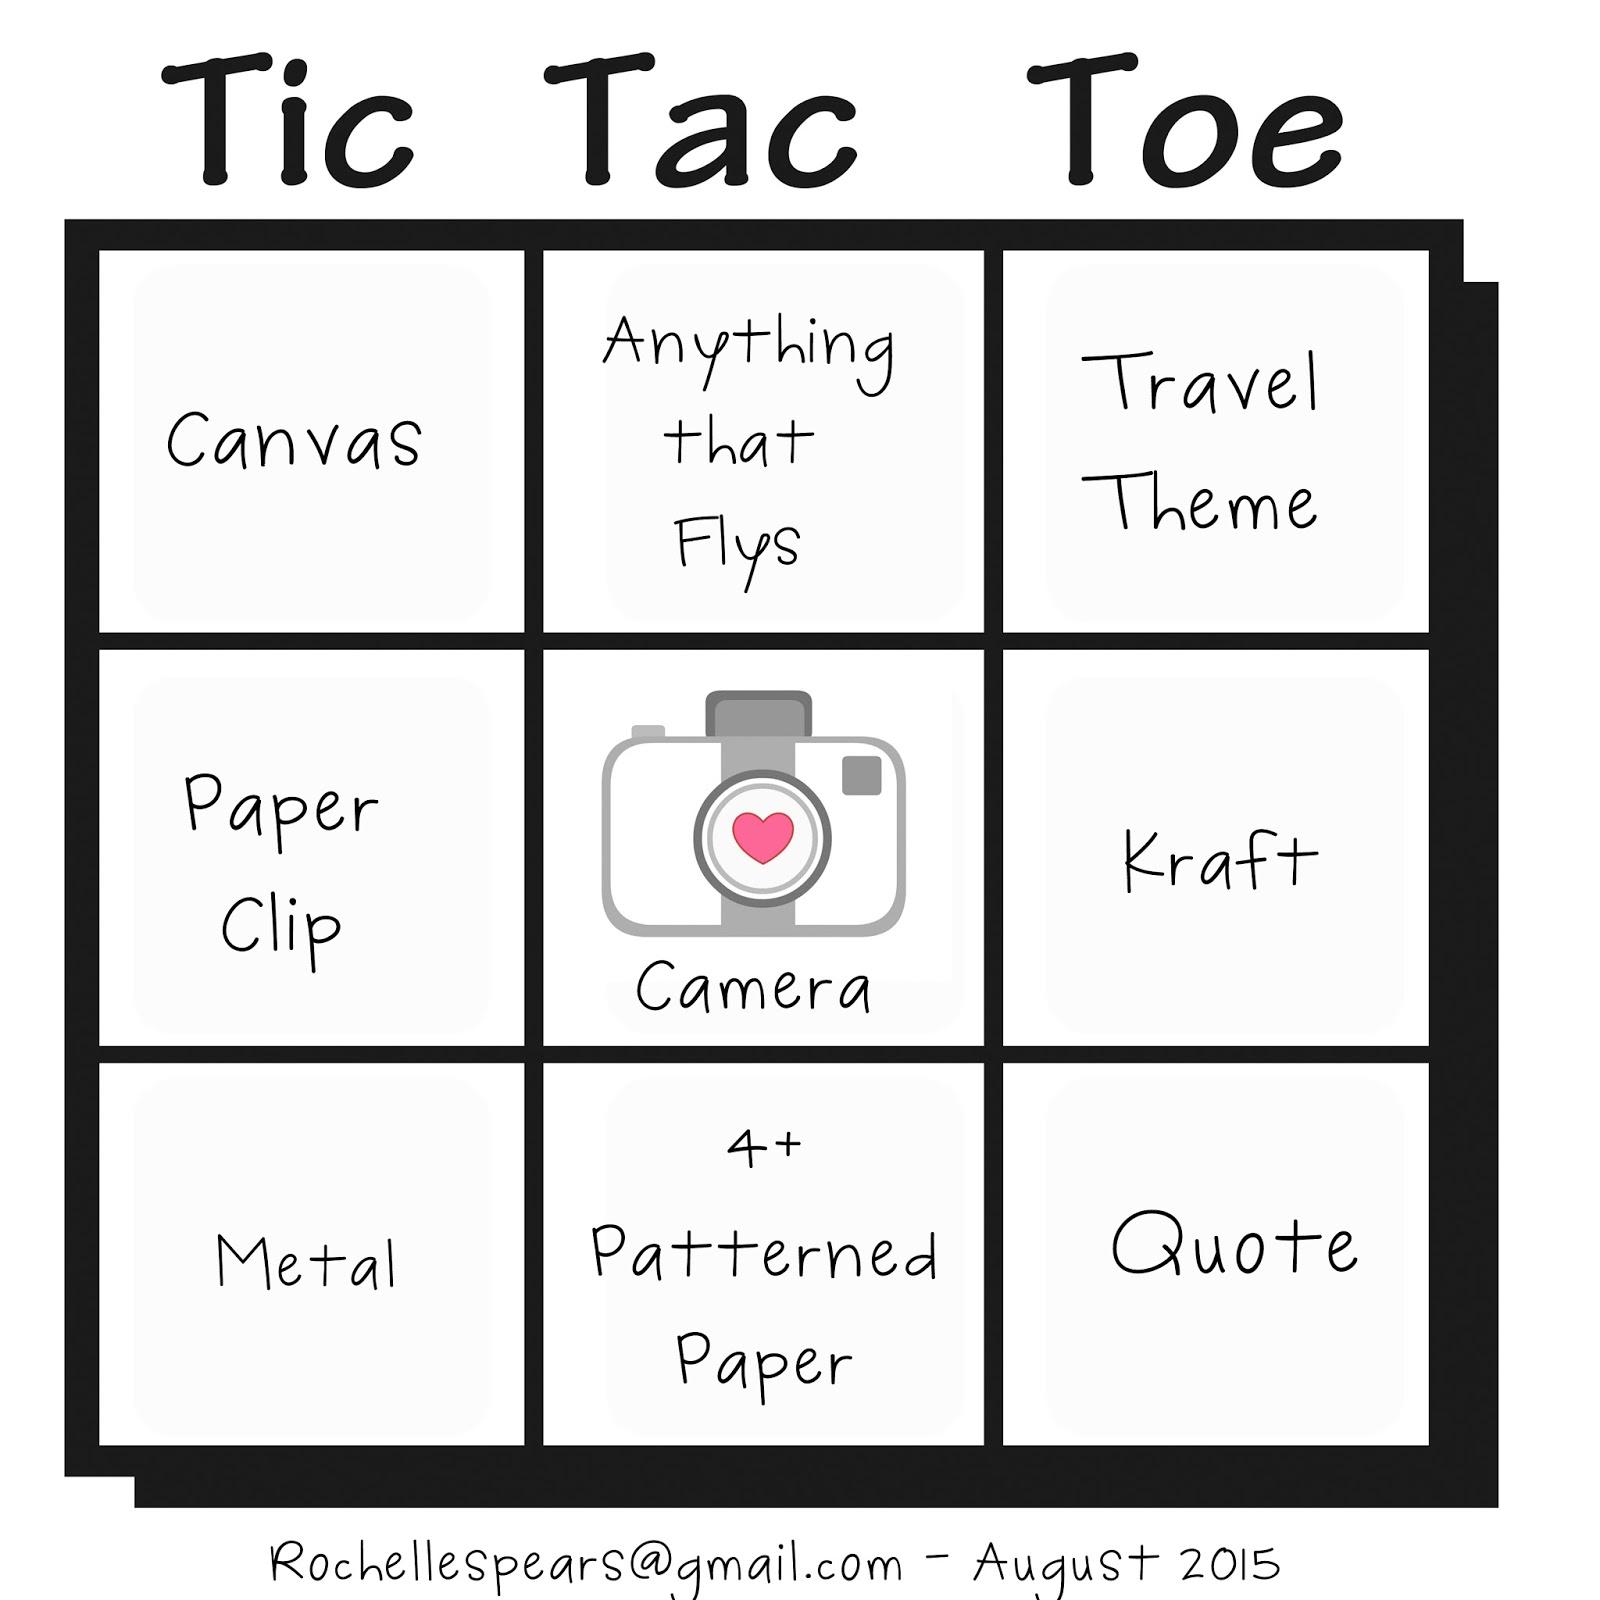 Tic tac toe photo